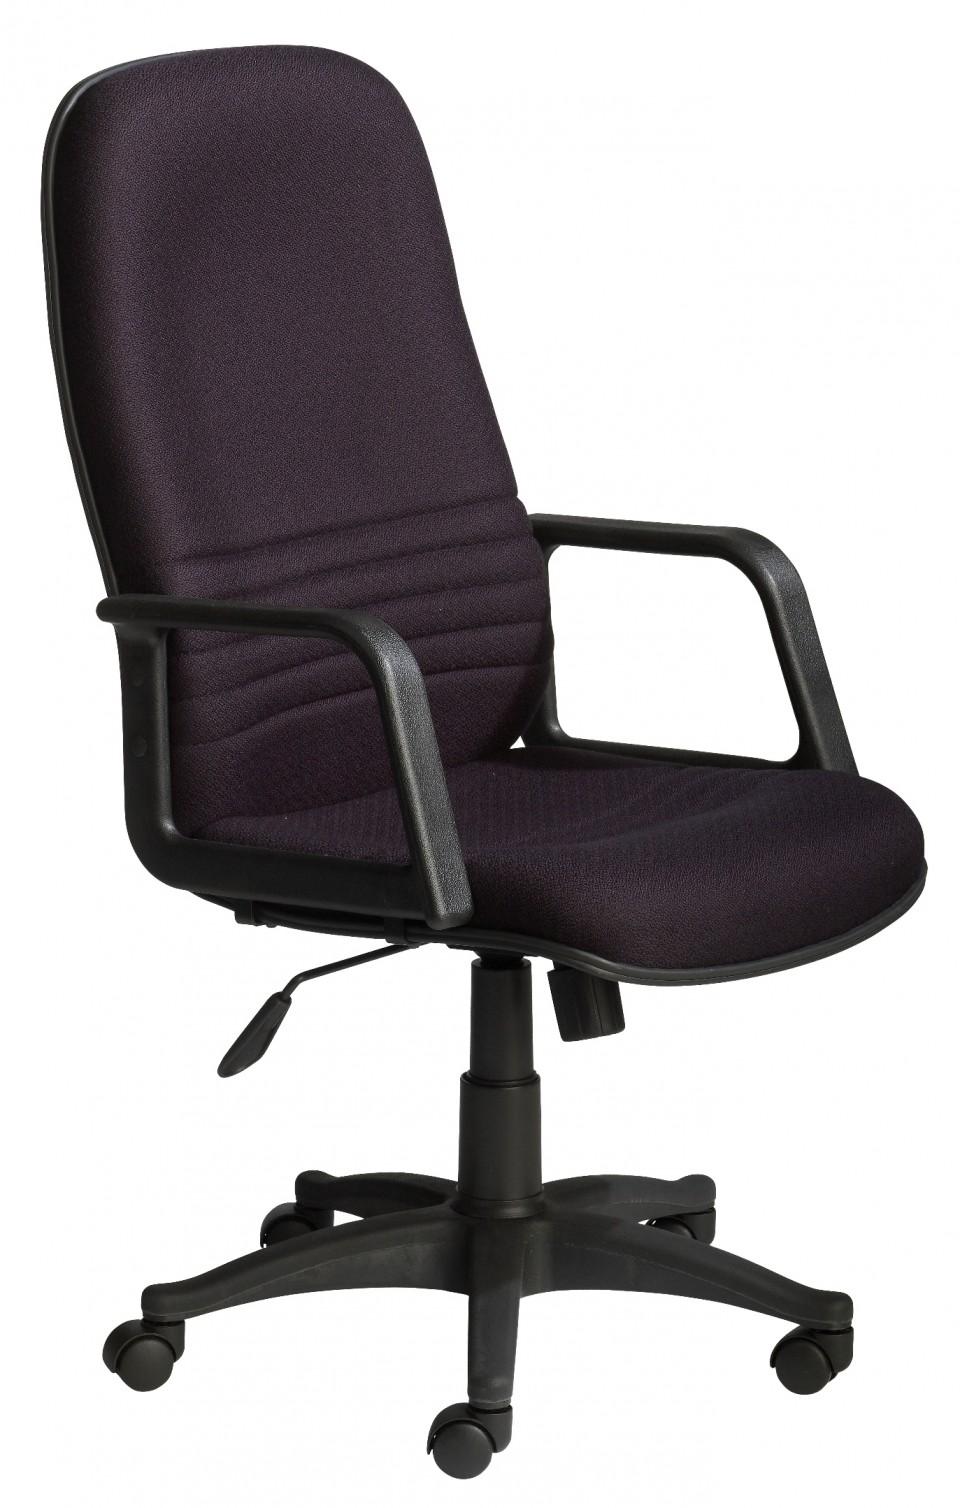 fauteuil de direction klassic achat fauteuils de direction 125 00. Black Bedroom Furniture Sets. Home Design Ideas